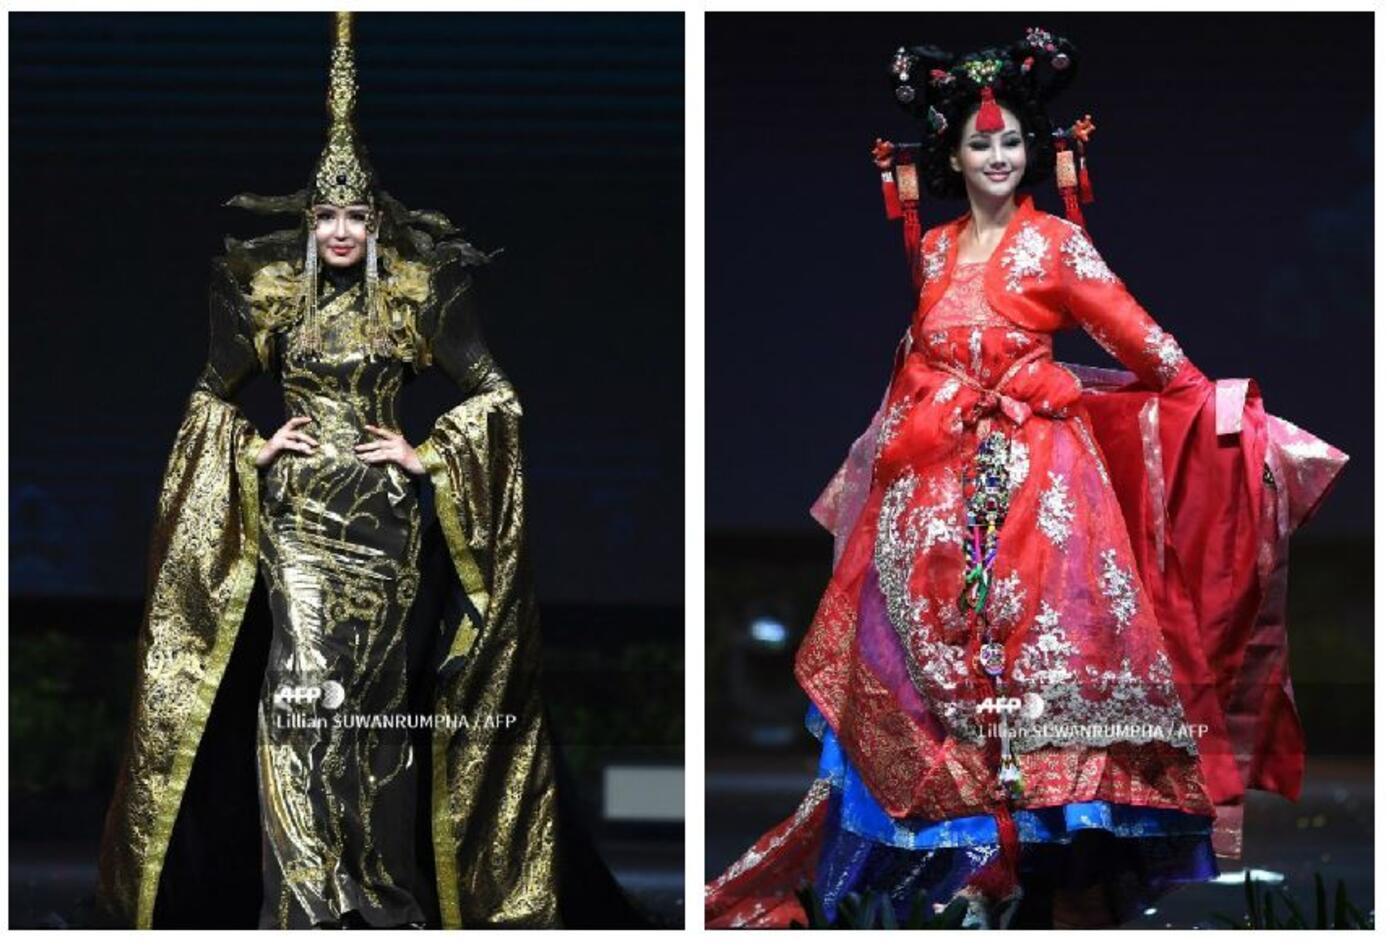 Trajes típicos de Miss Mongolia y Miss Corea